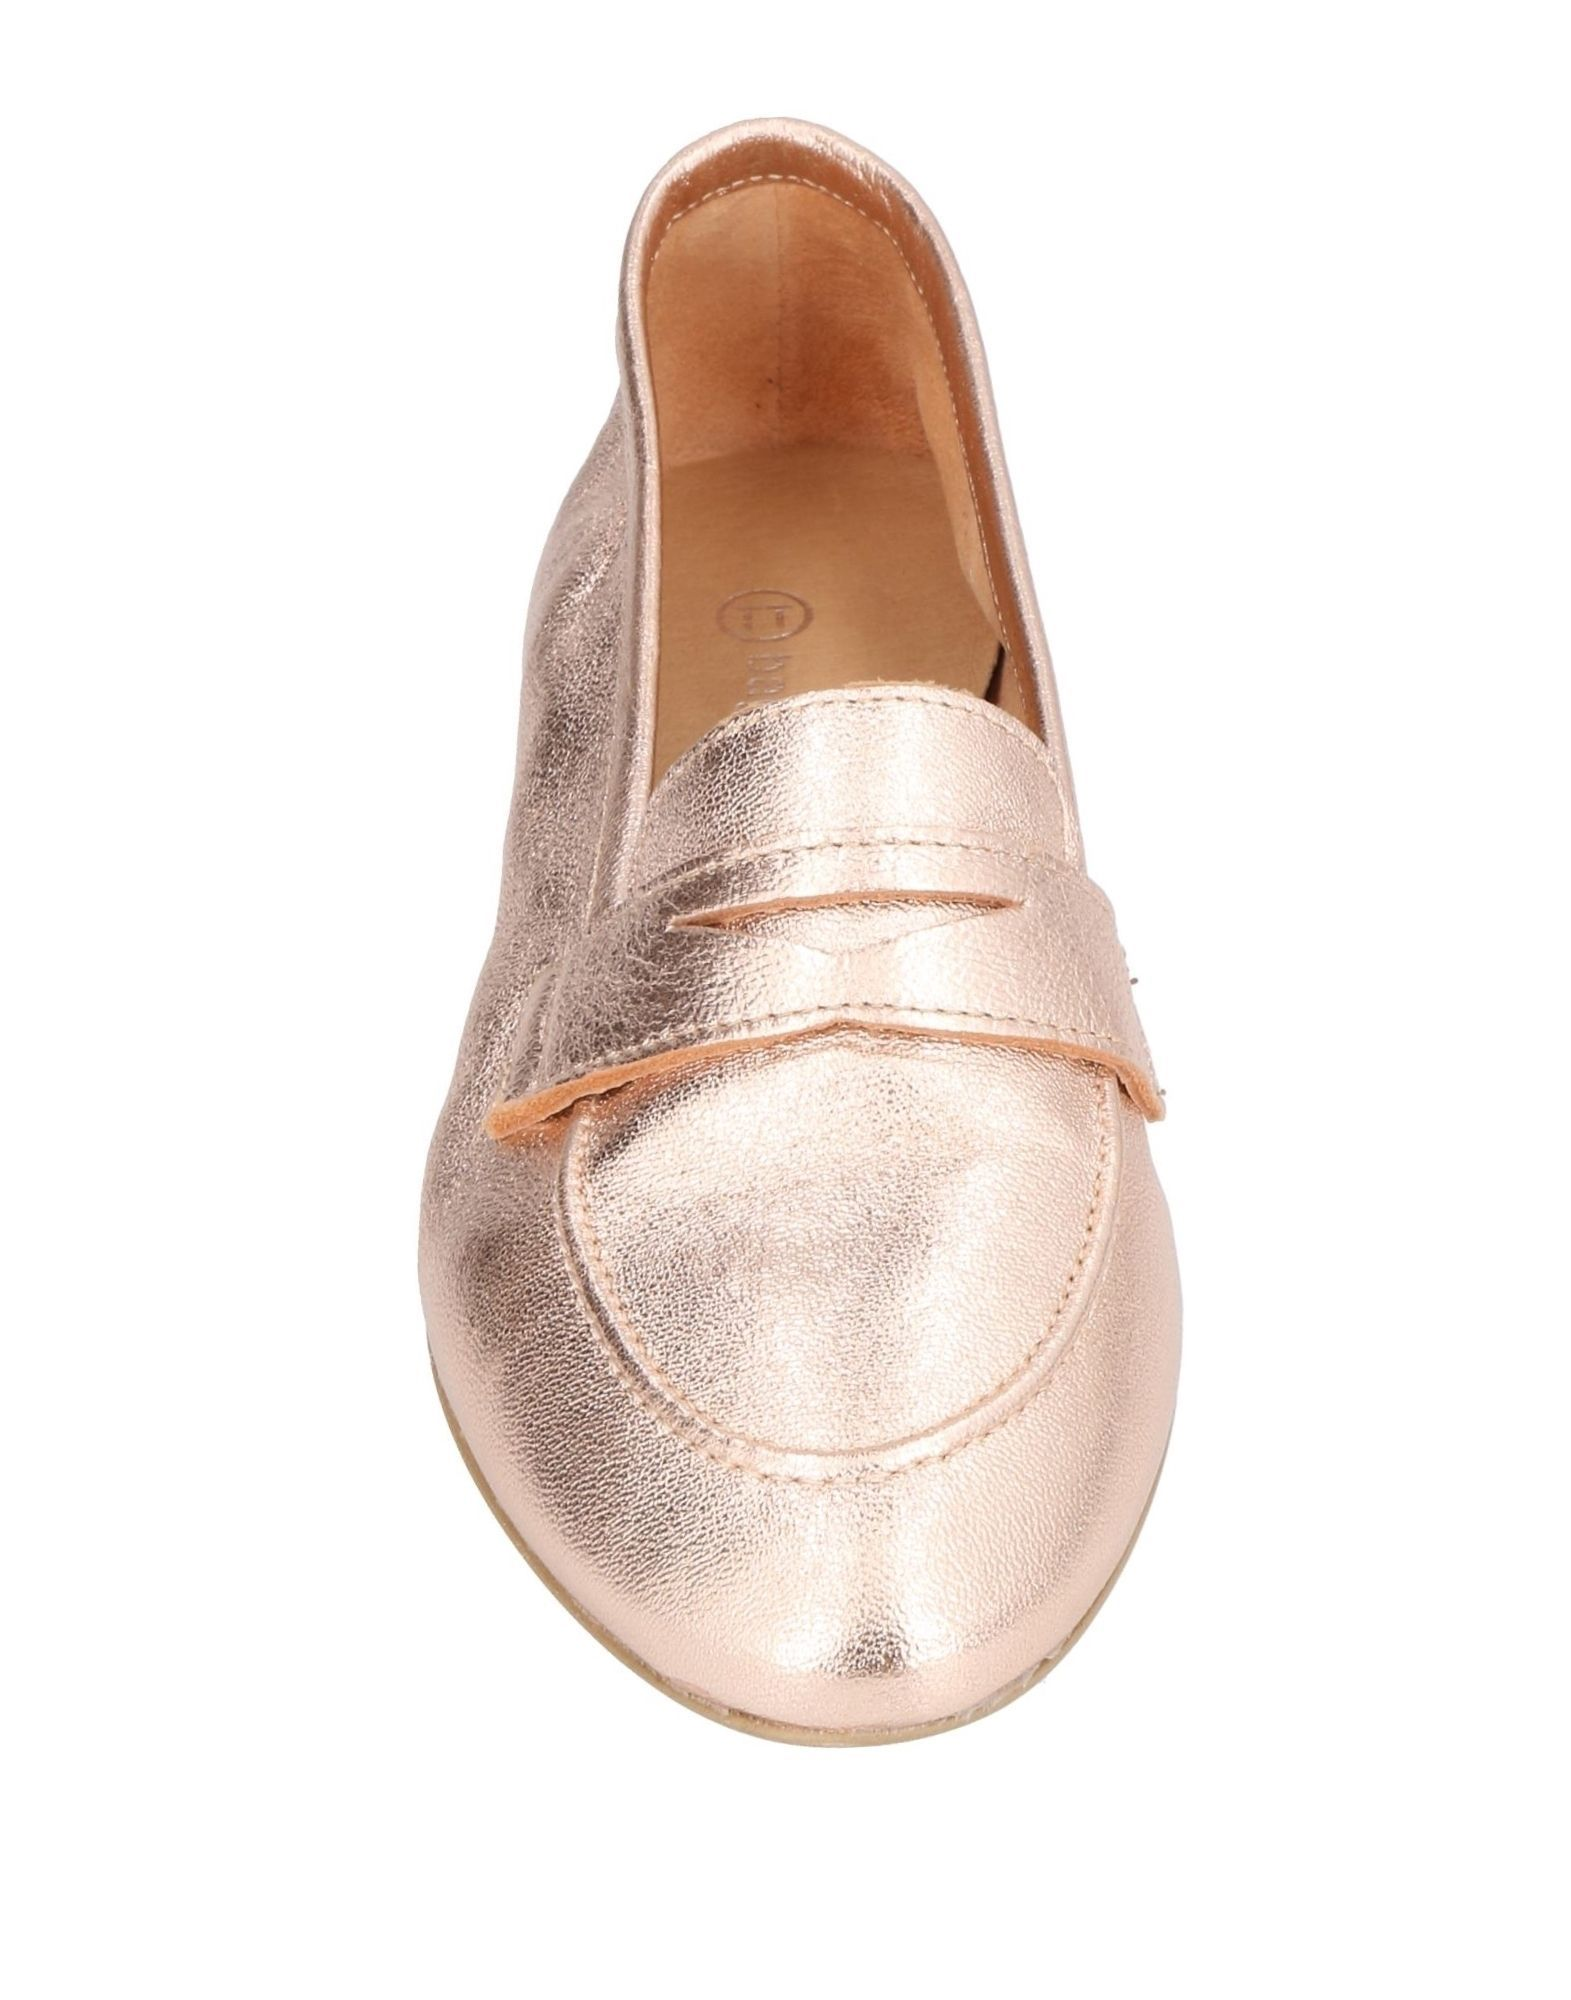 FOOTWEAR Bagatt Copper Woman Leather